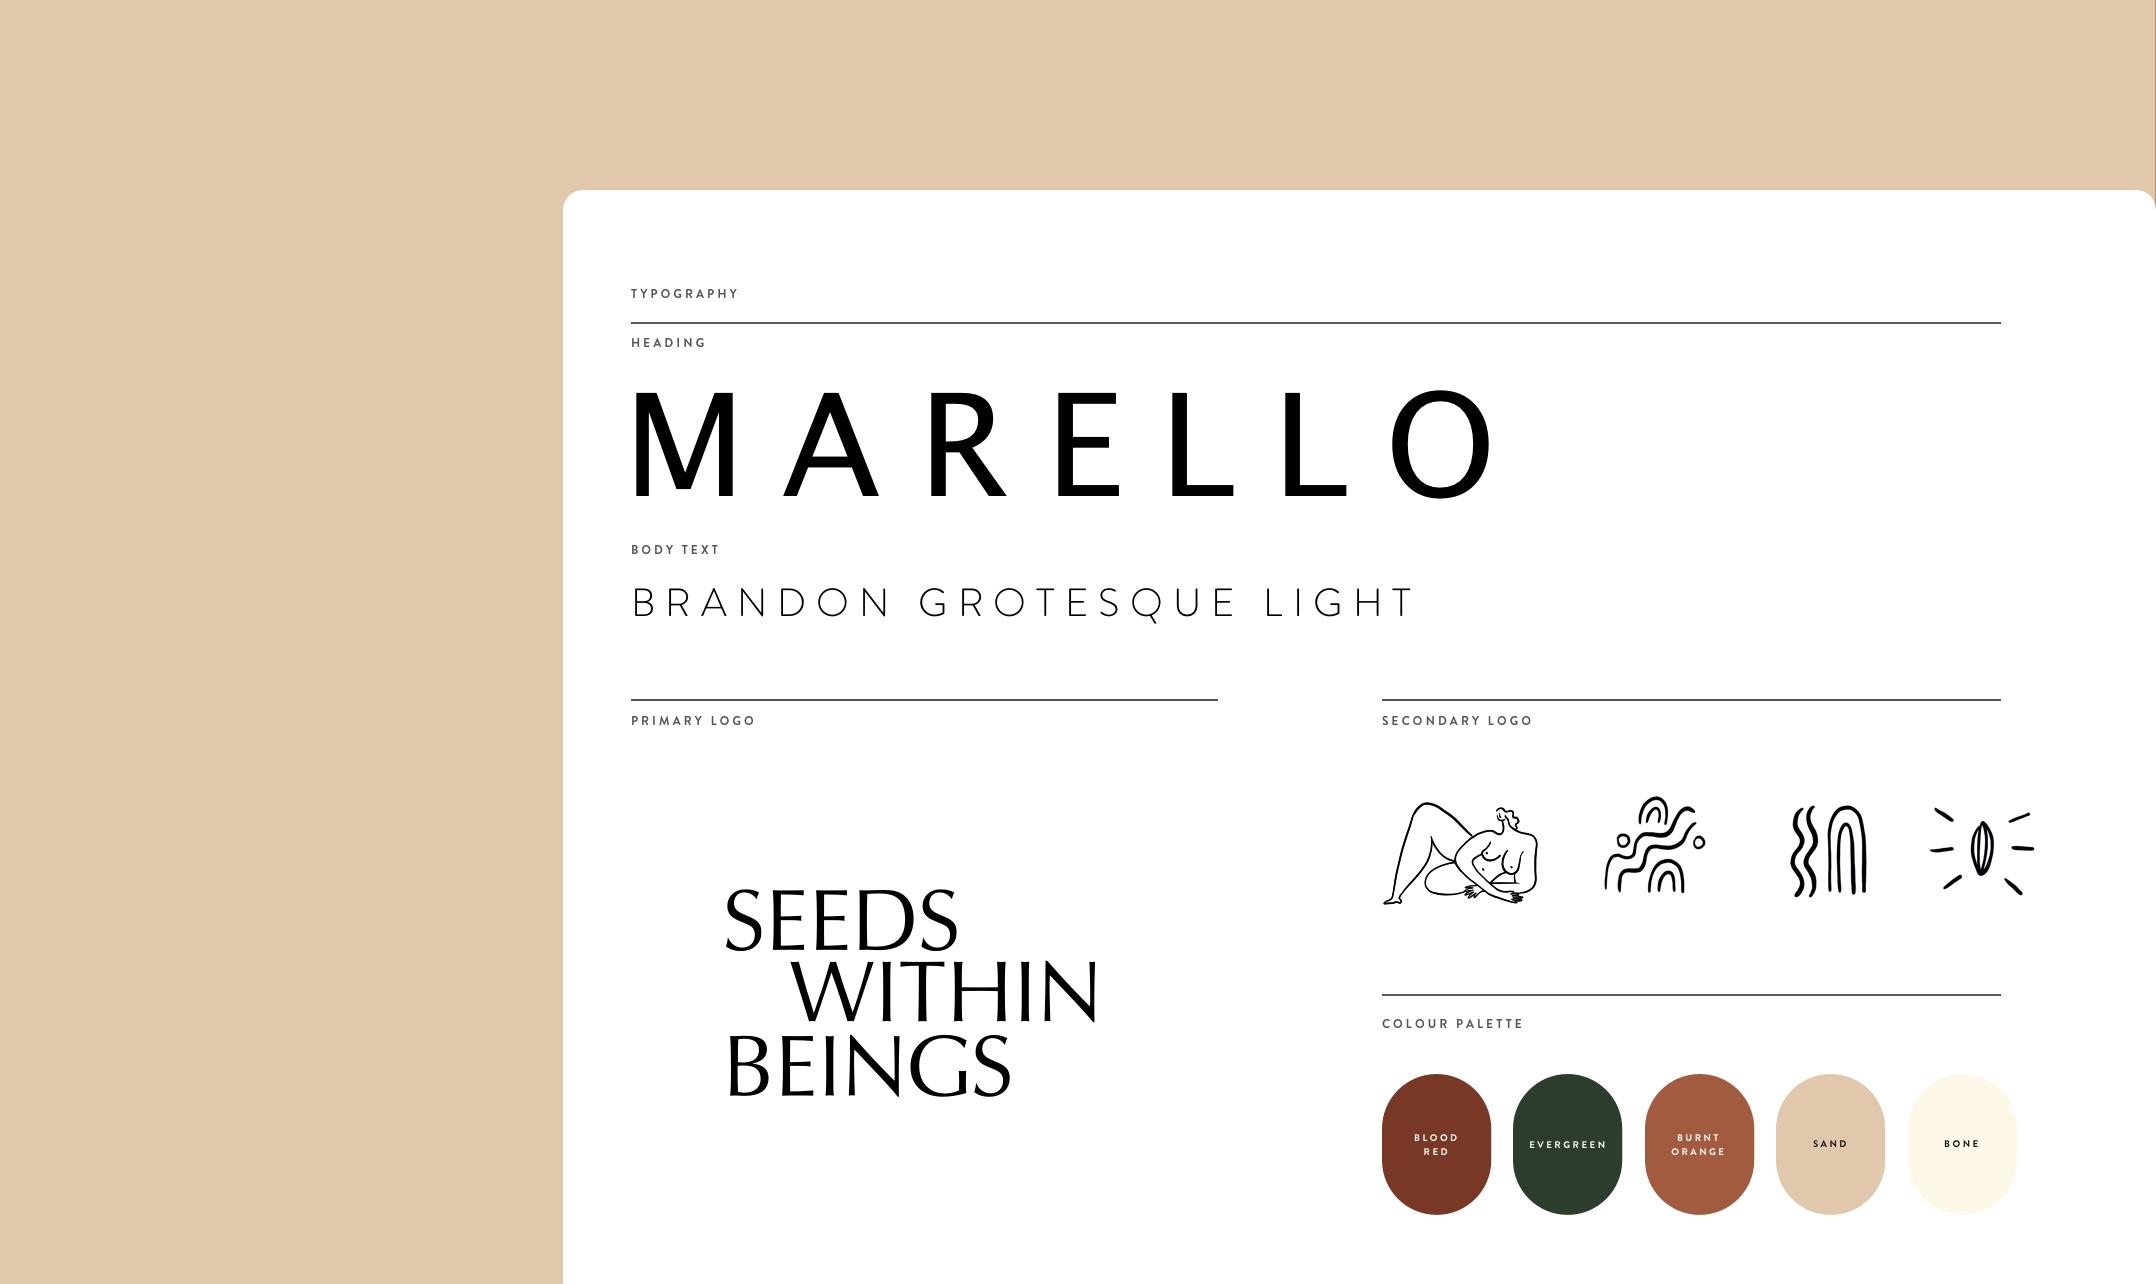 brand-guidelines-skincare-ethical-branding-designer-webdesign-byron-sydney-melbourne.jpg